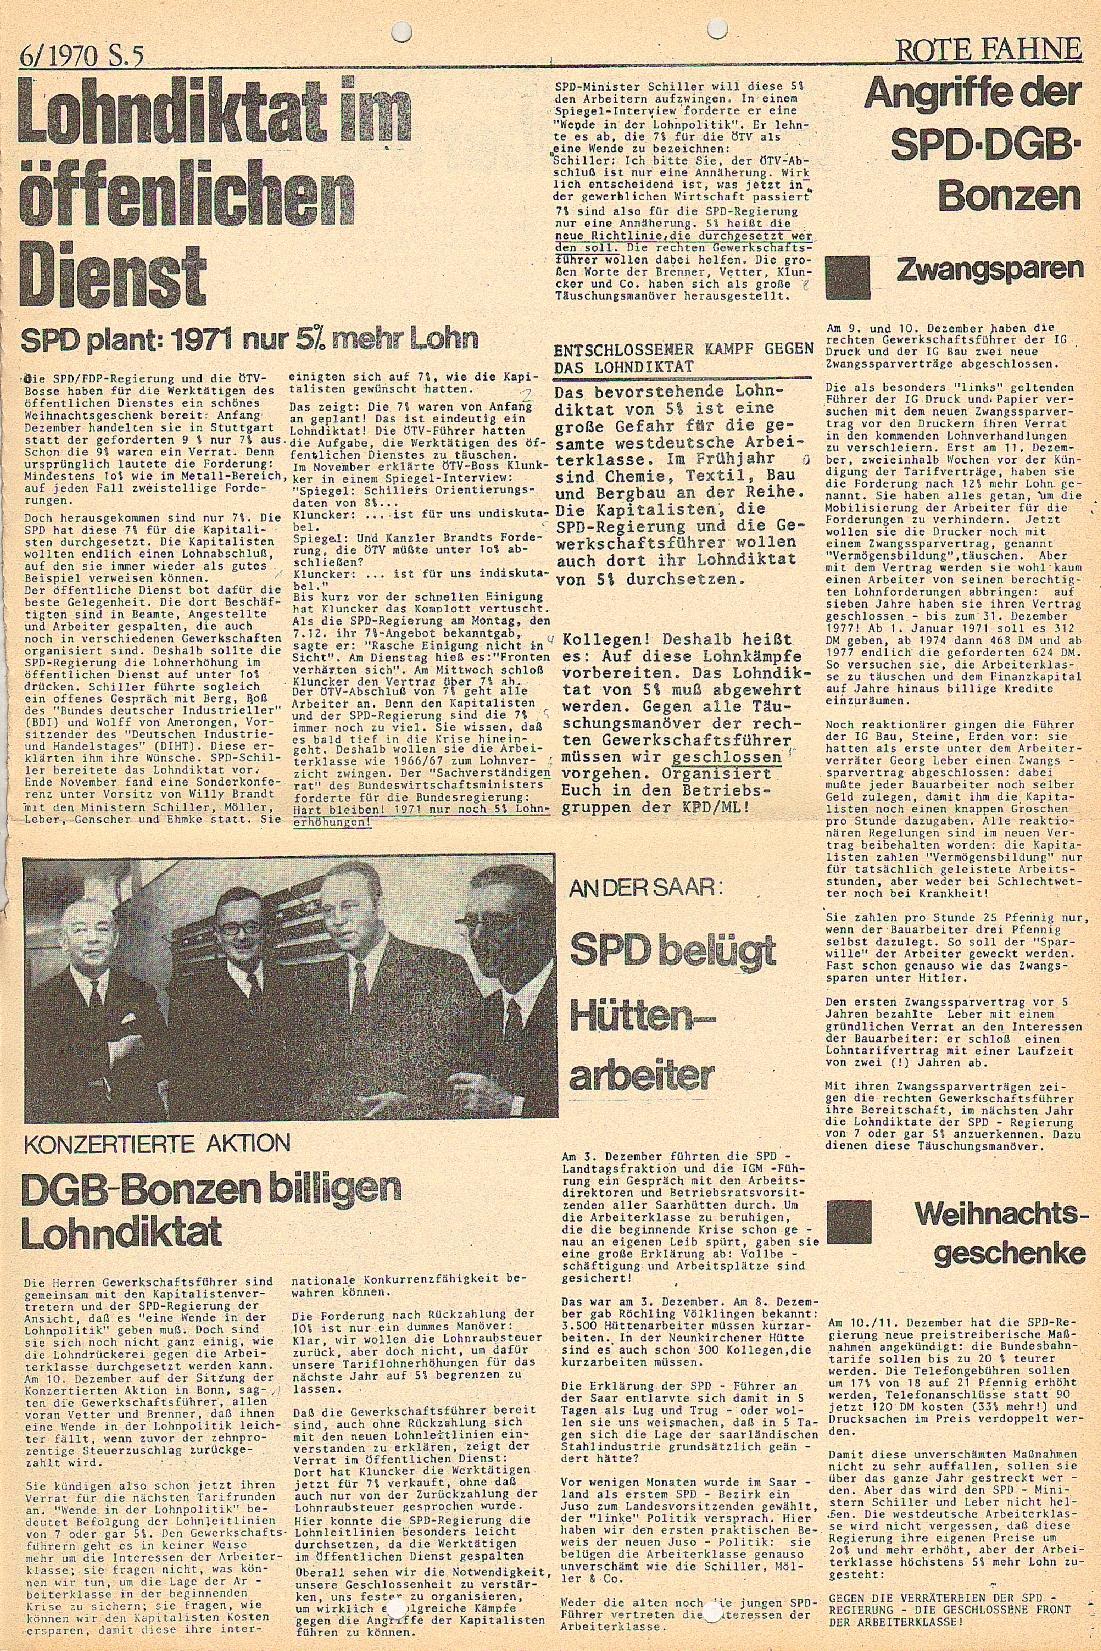 Rote Fahne, 1. Jg., 21.12.1970, Nr. 6, Seite 5